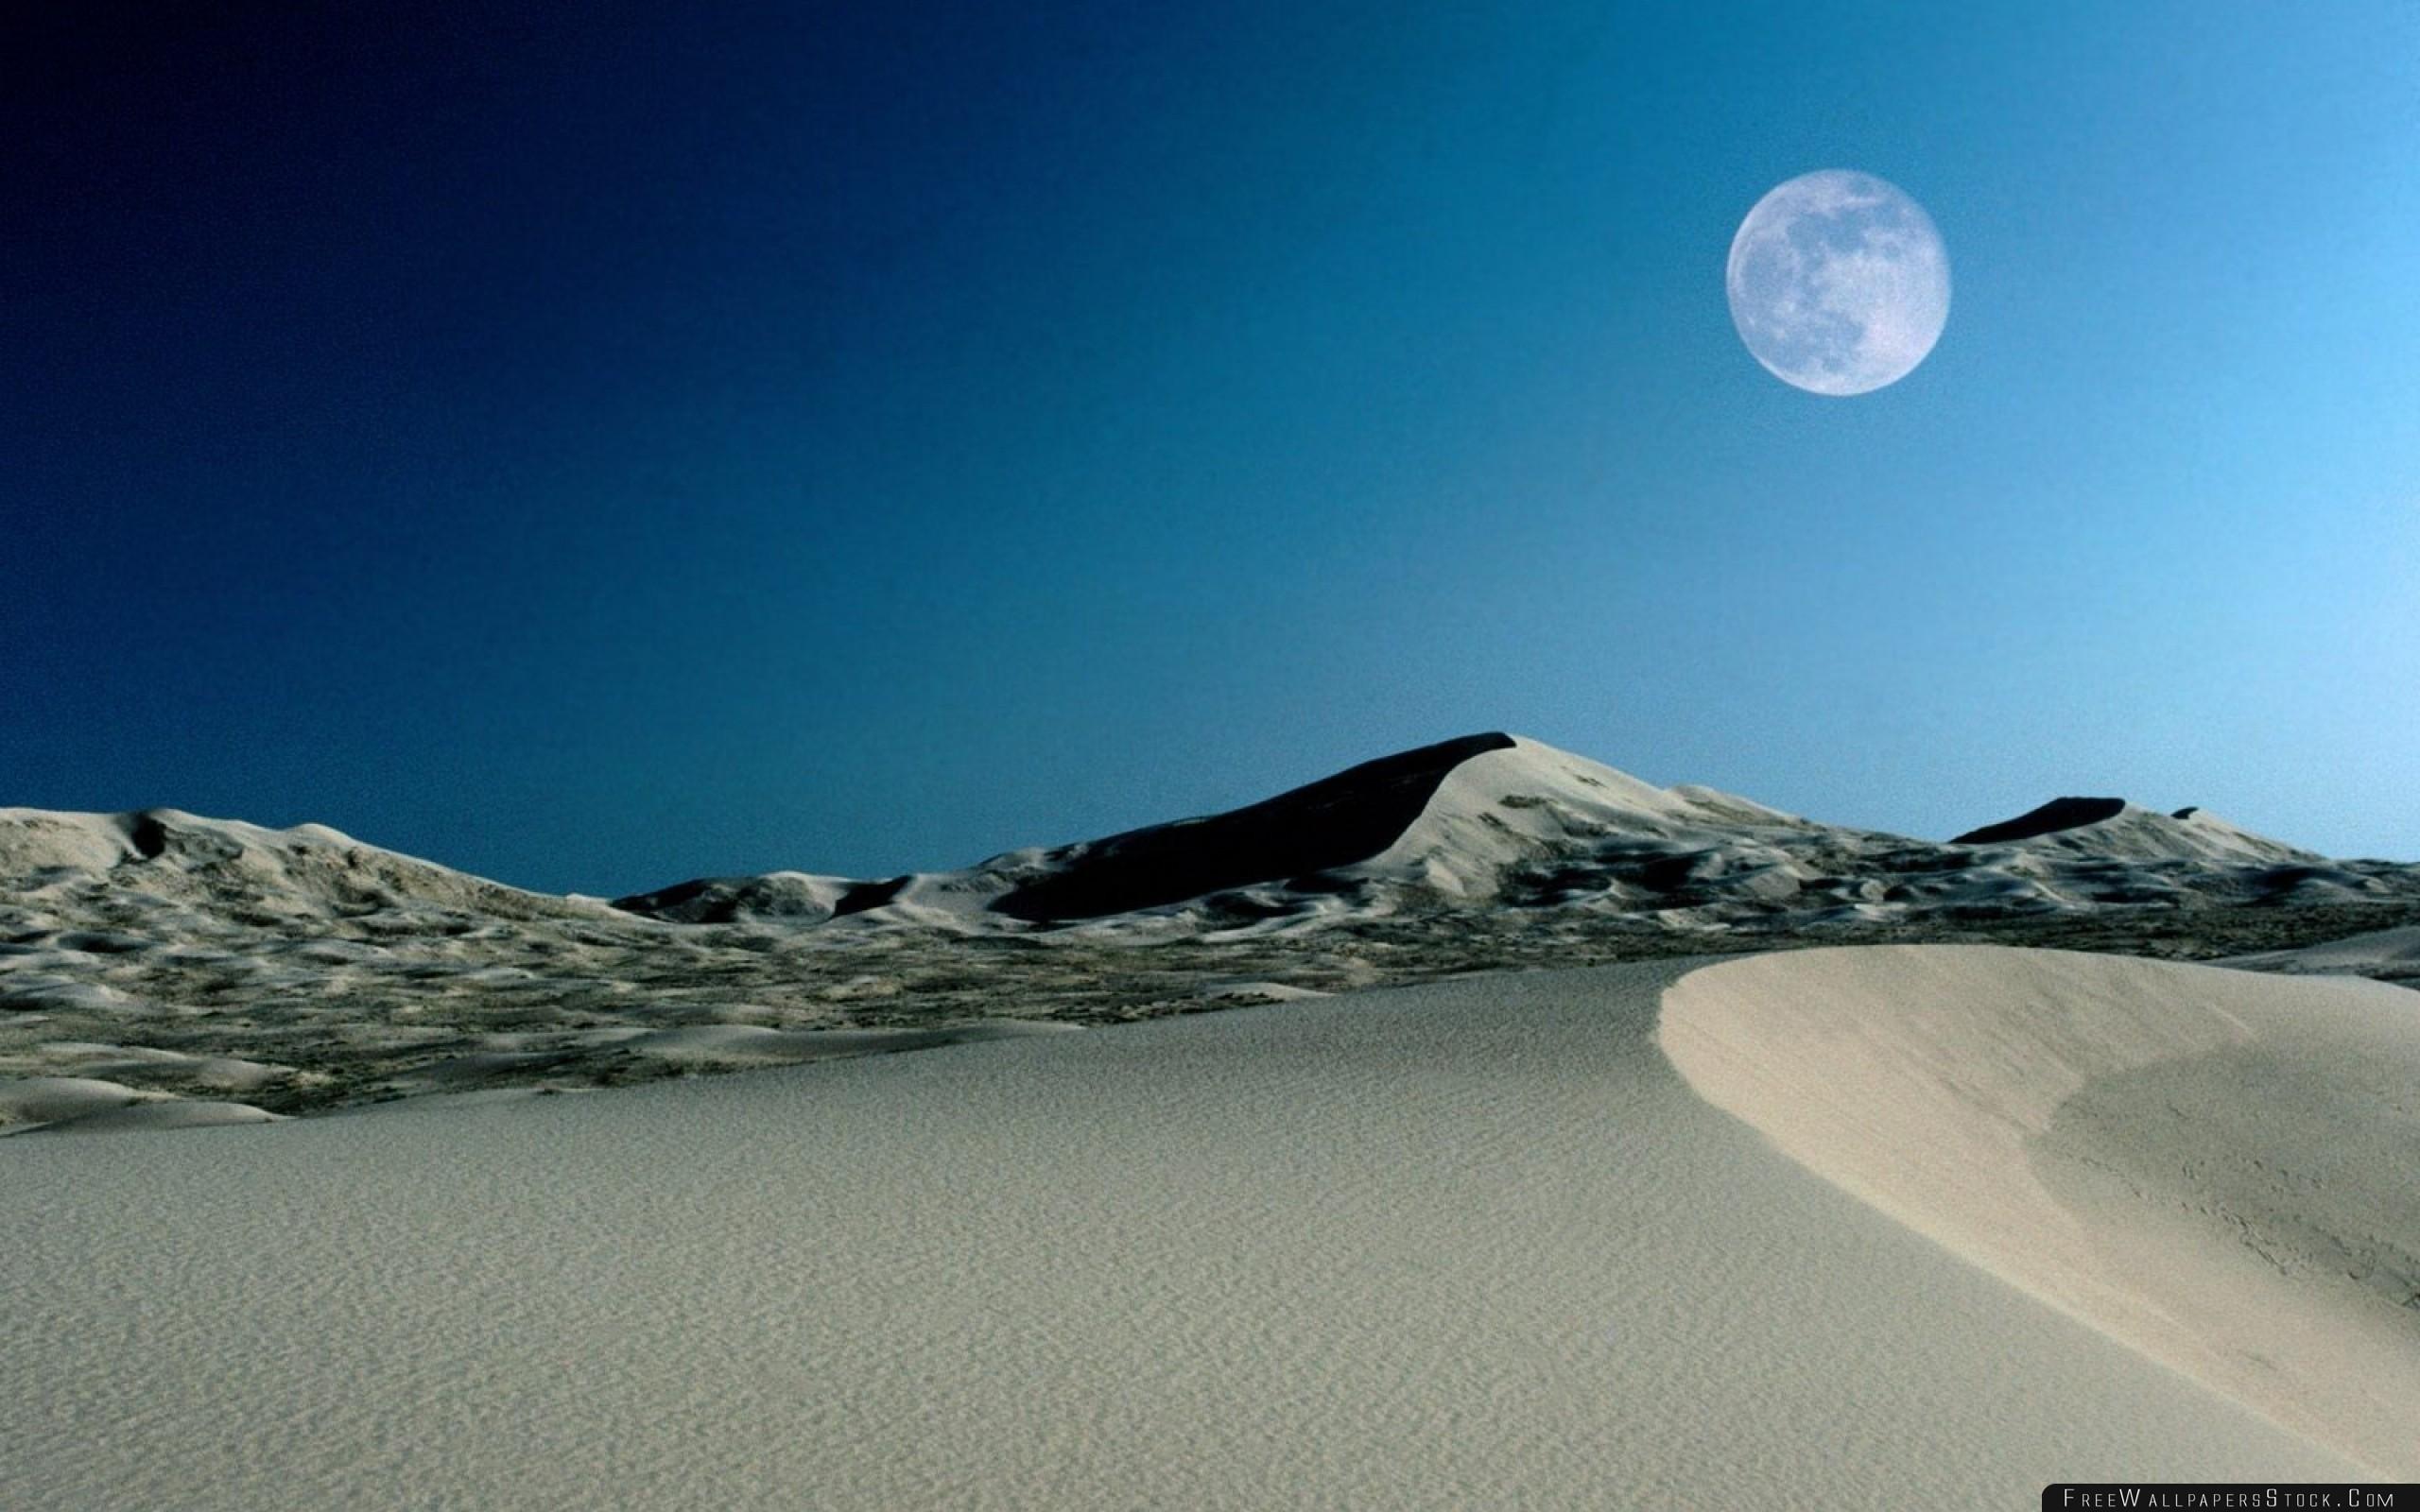 Download Free Wallpaper Moon Sand Dunes Sky Desert